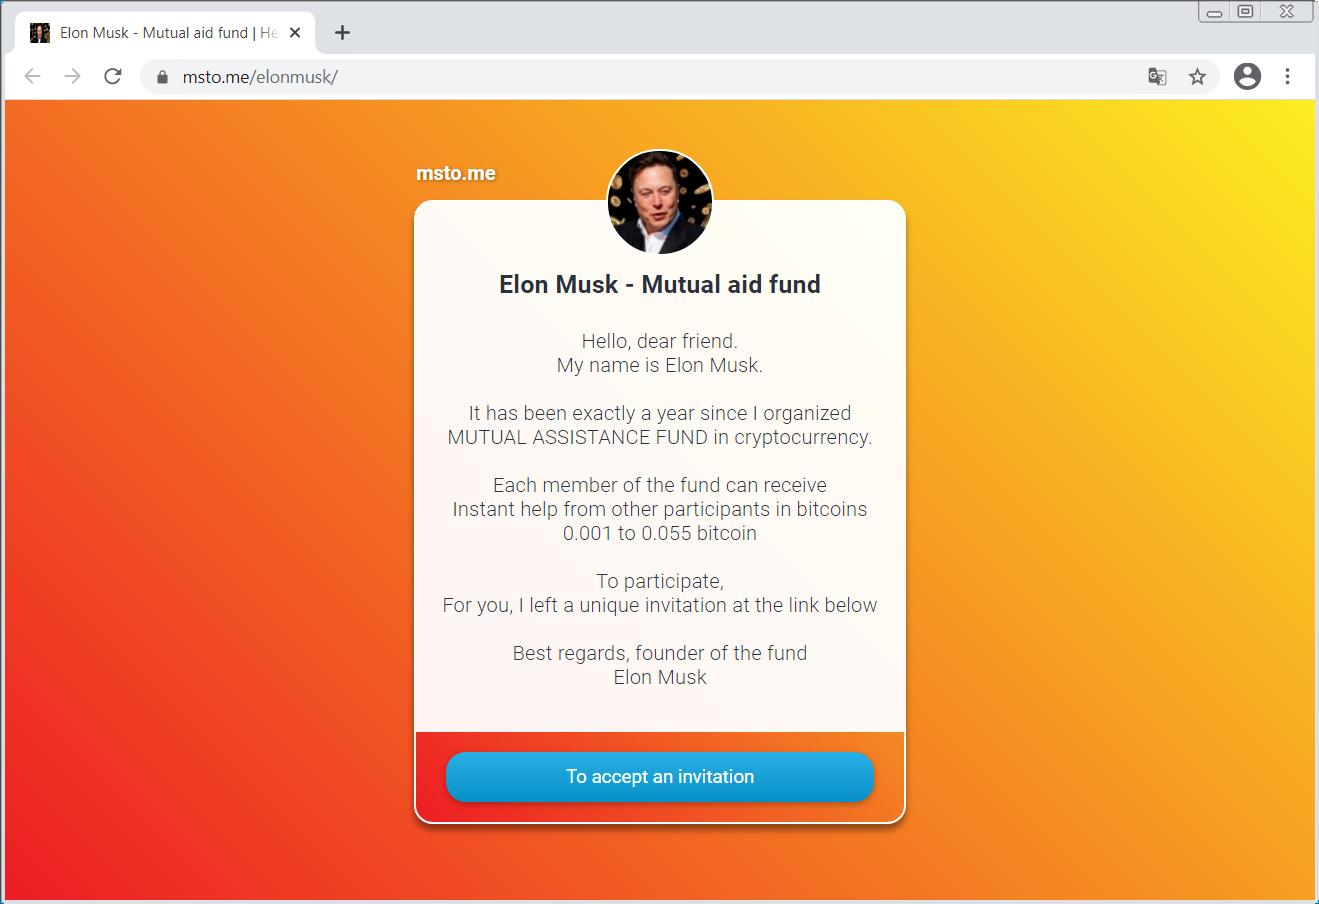 Elon Musk - Sitio de fraude de fondos mutuos